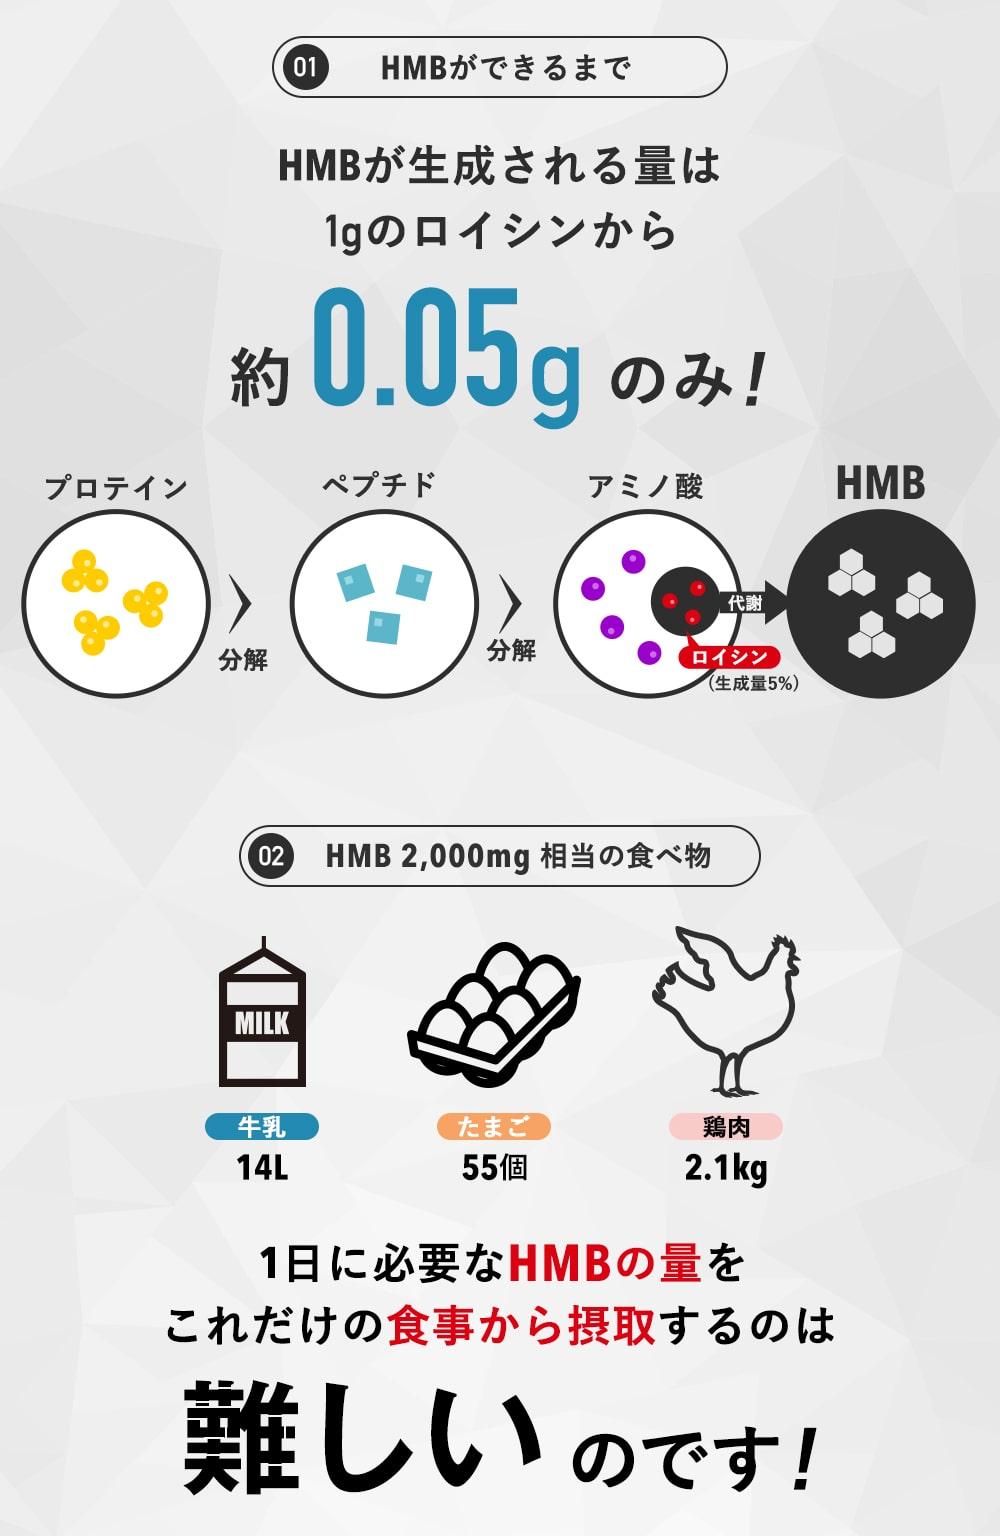 01HMBができるまで HMBが生成される量は1gのロイシンから約0.05gのみ!02HMB2,000mg相当の食べ物 牛乳:14L たまご:55個 鶏肉:2.1kg 1日に必要なHMBの量をこれだけの食事から摂取するのは難しいのです!